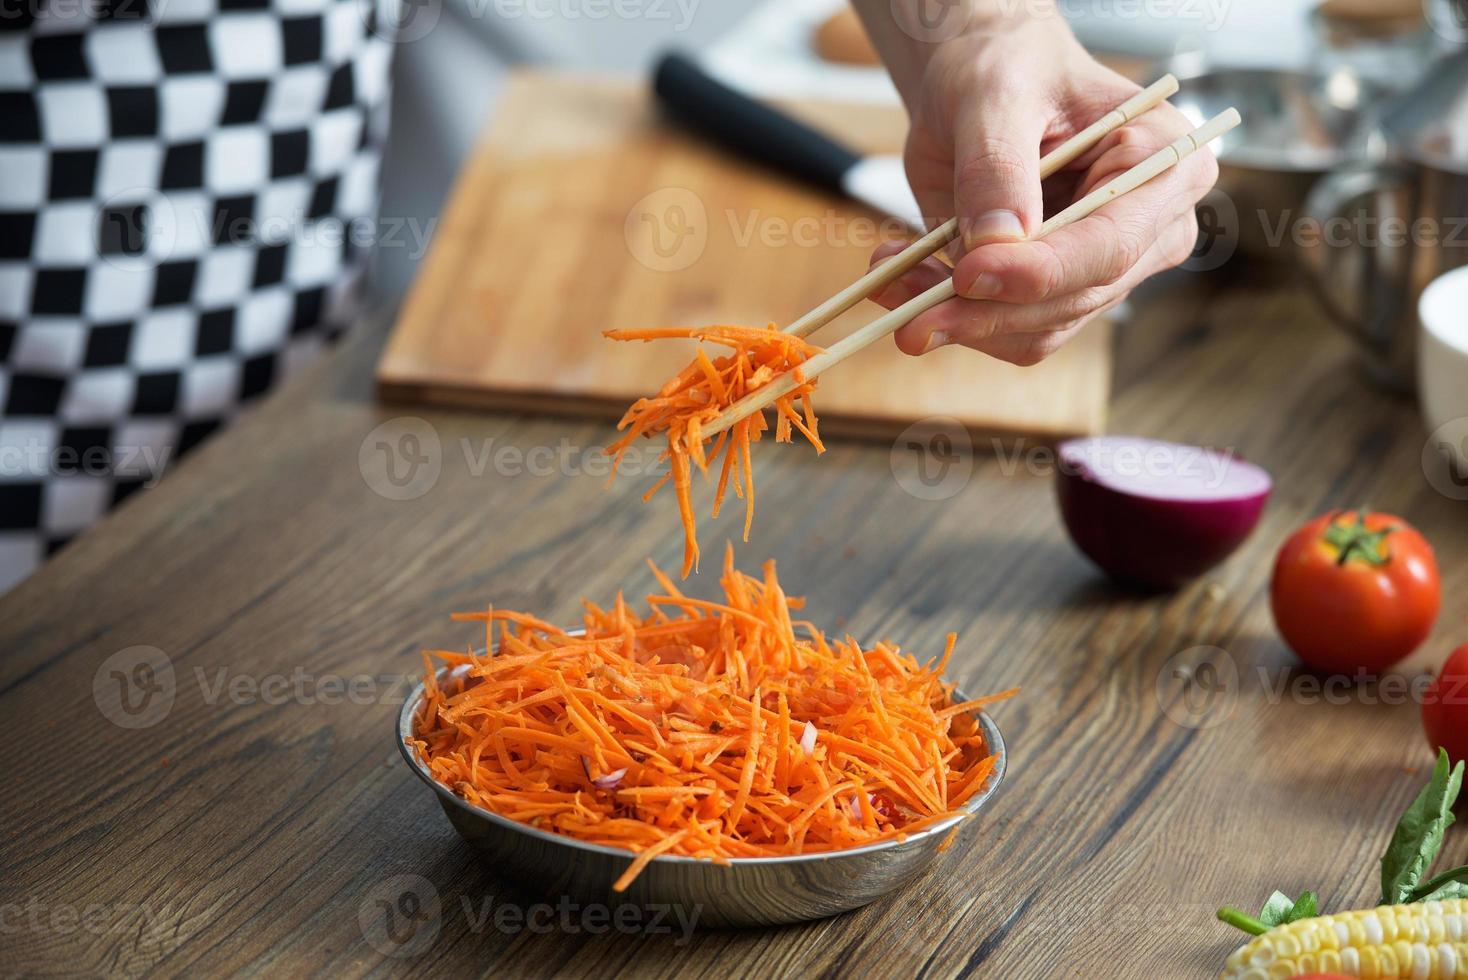 insalata di carote coreana piccante in una ciotola foto